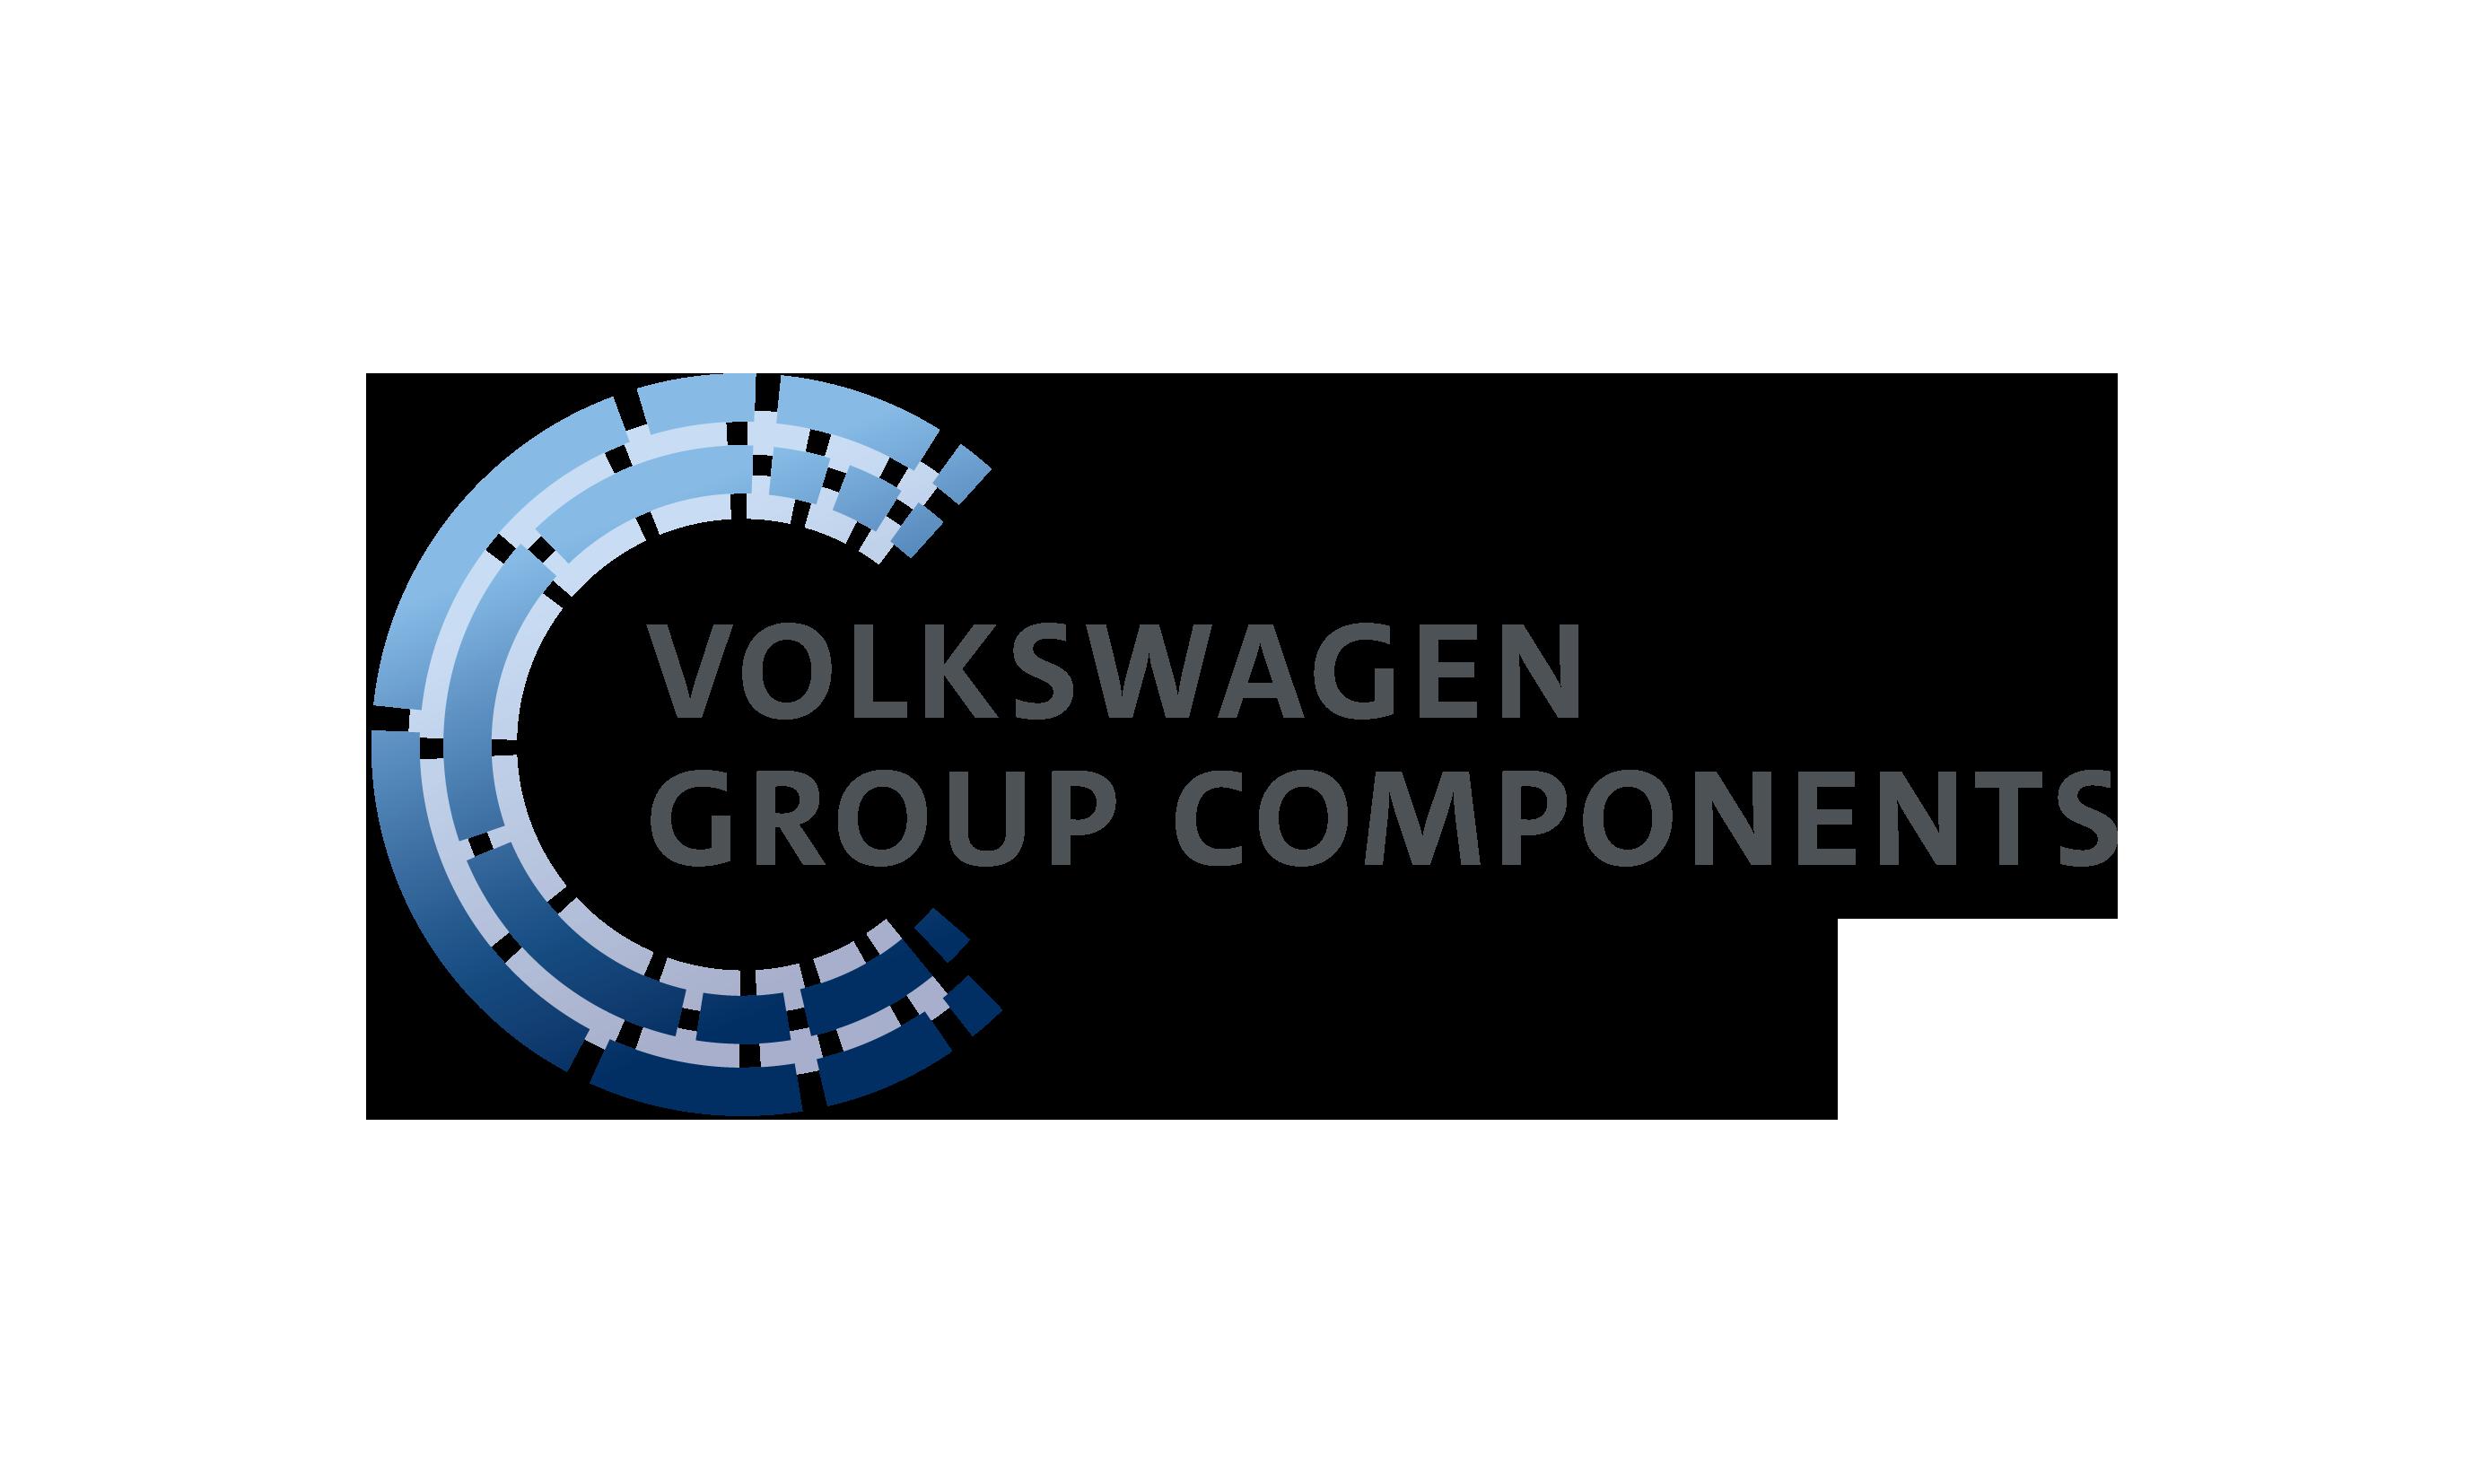 Das Volontariat in der Unternehmenskommunikation bei Volkswagen Komponenten ist DAPR-zertifiziert.